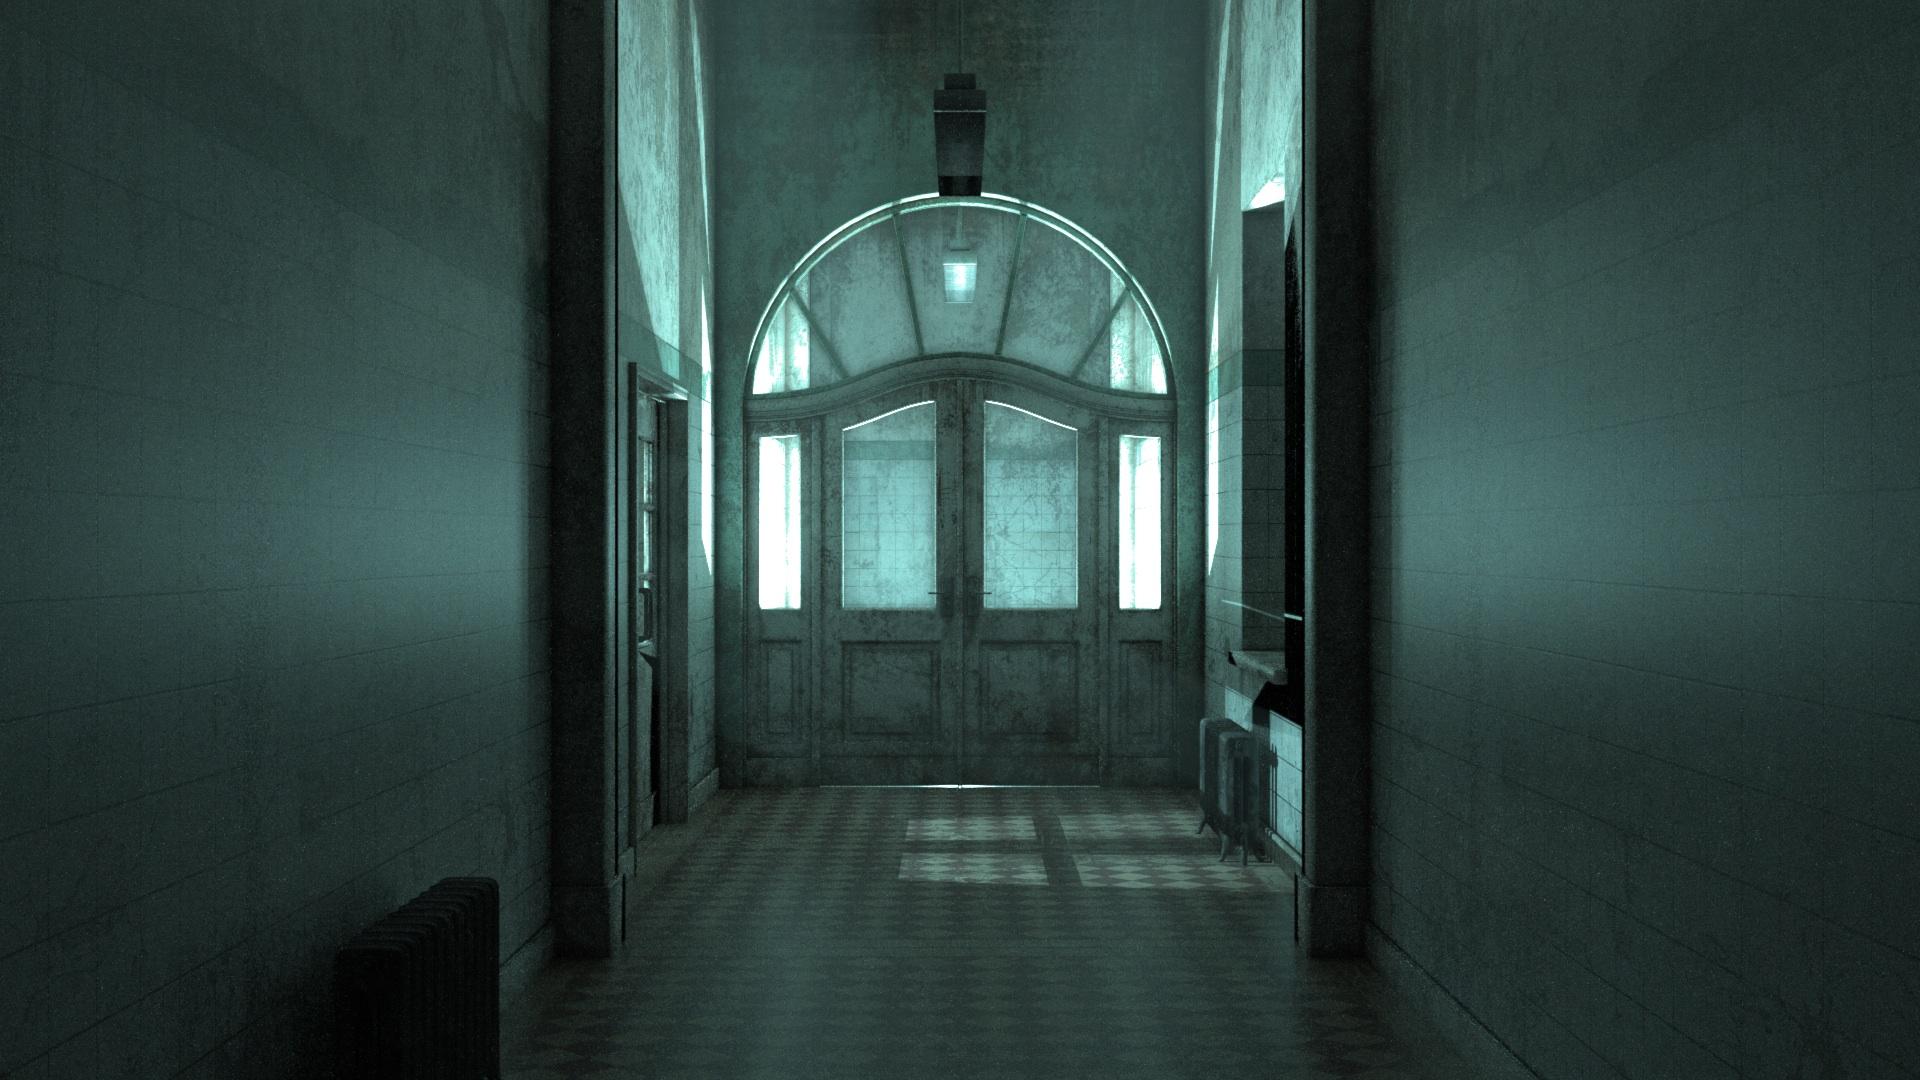 corridorbright